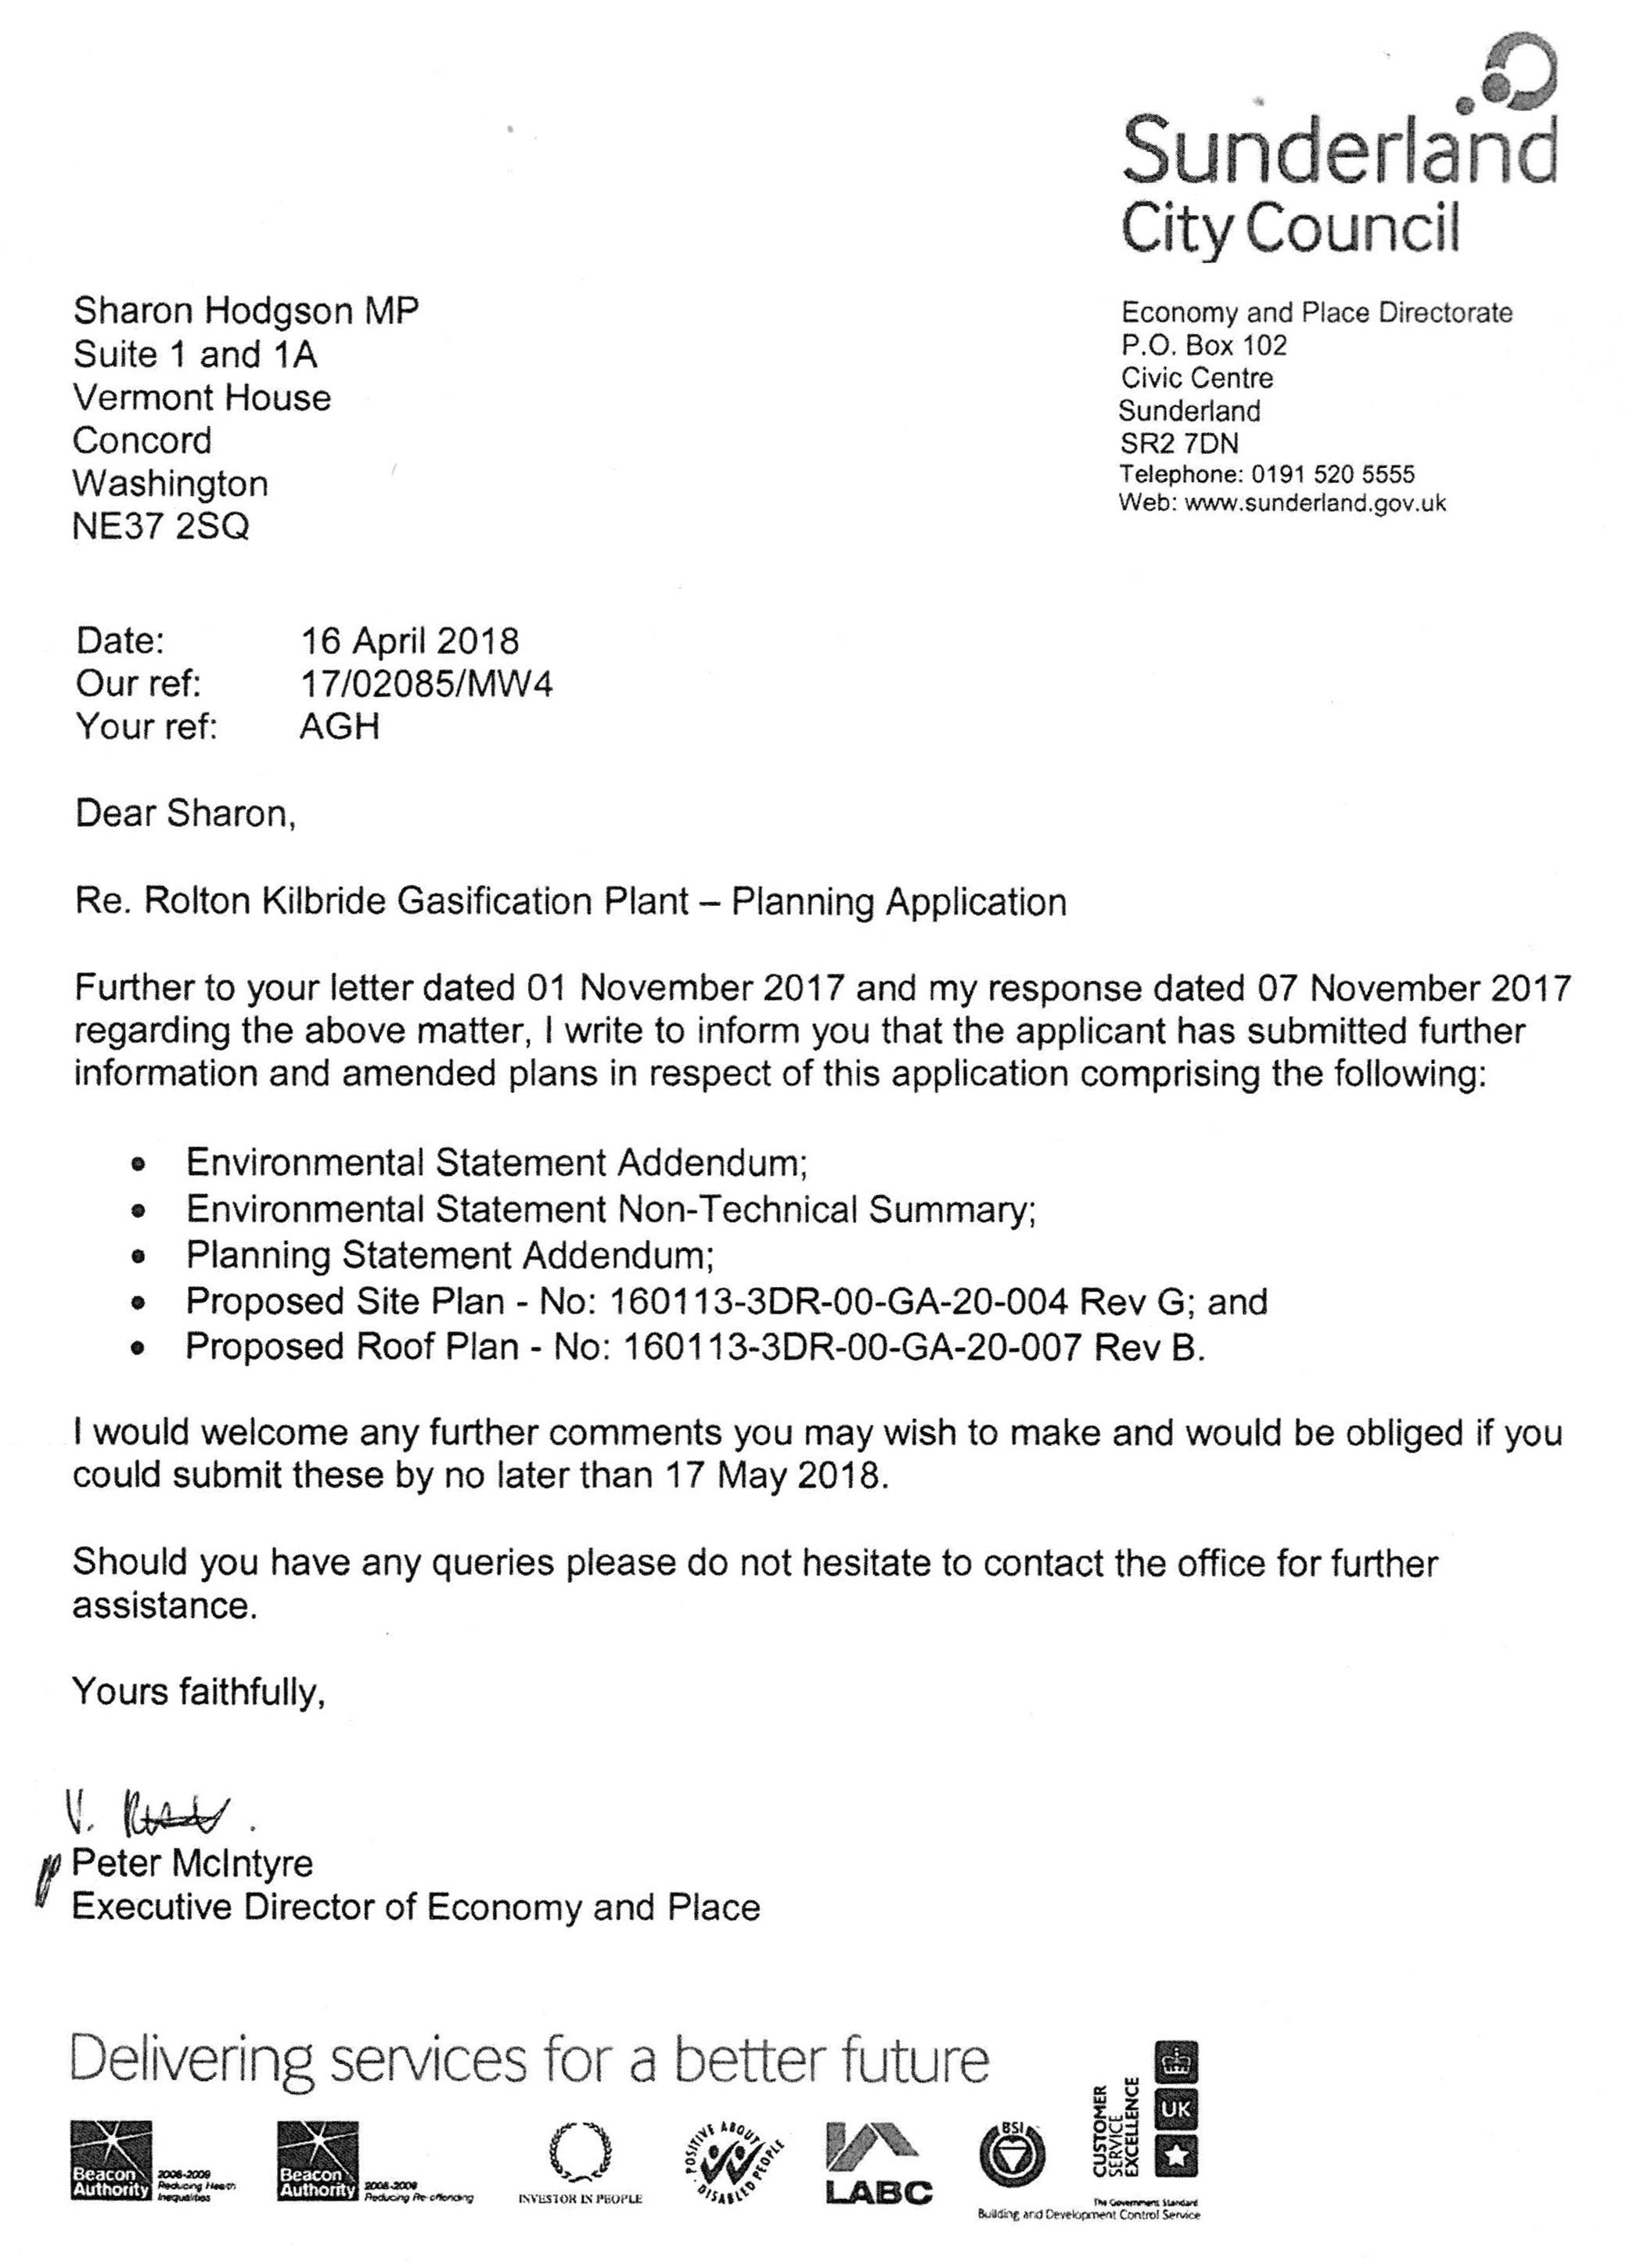 2018_04_16_SCC_Rolton_Kilbride_update.jpg